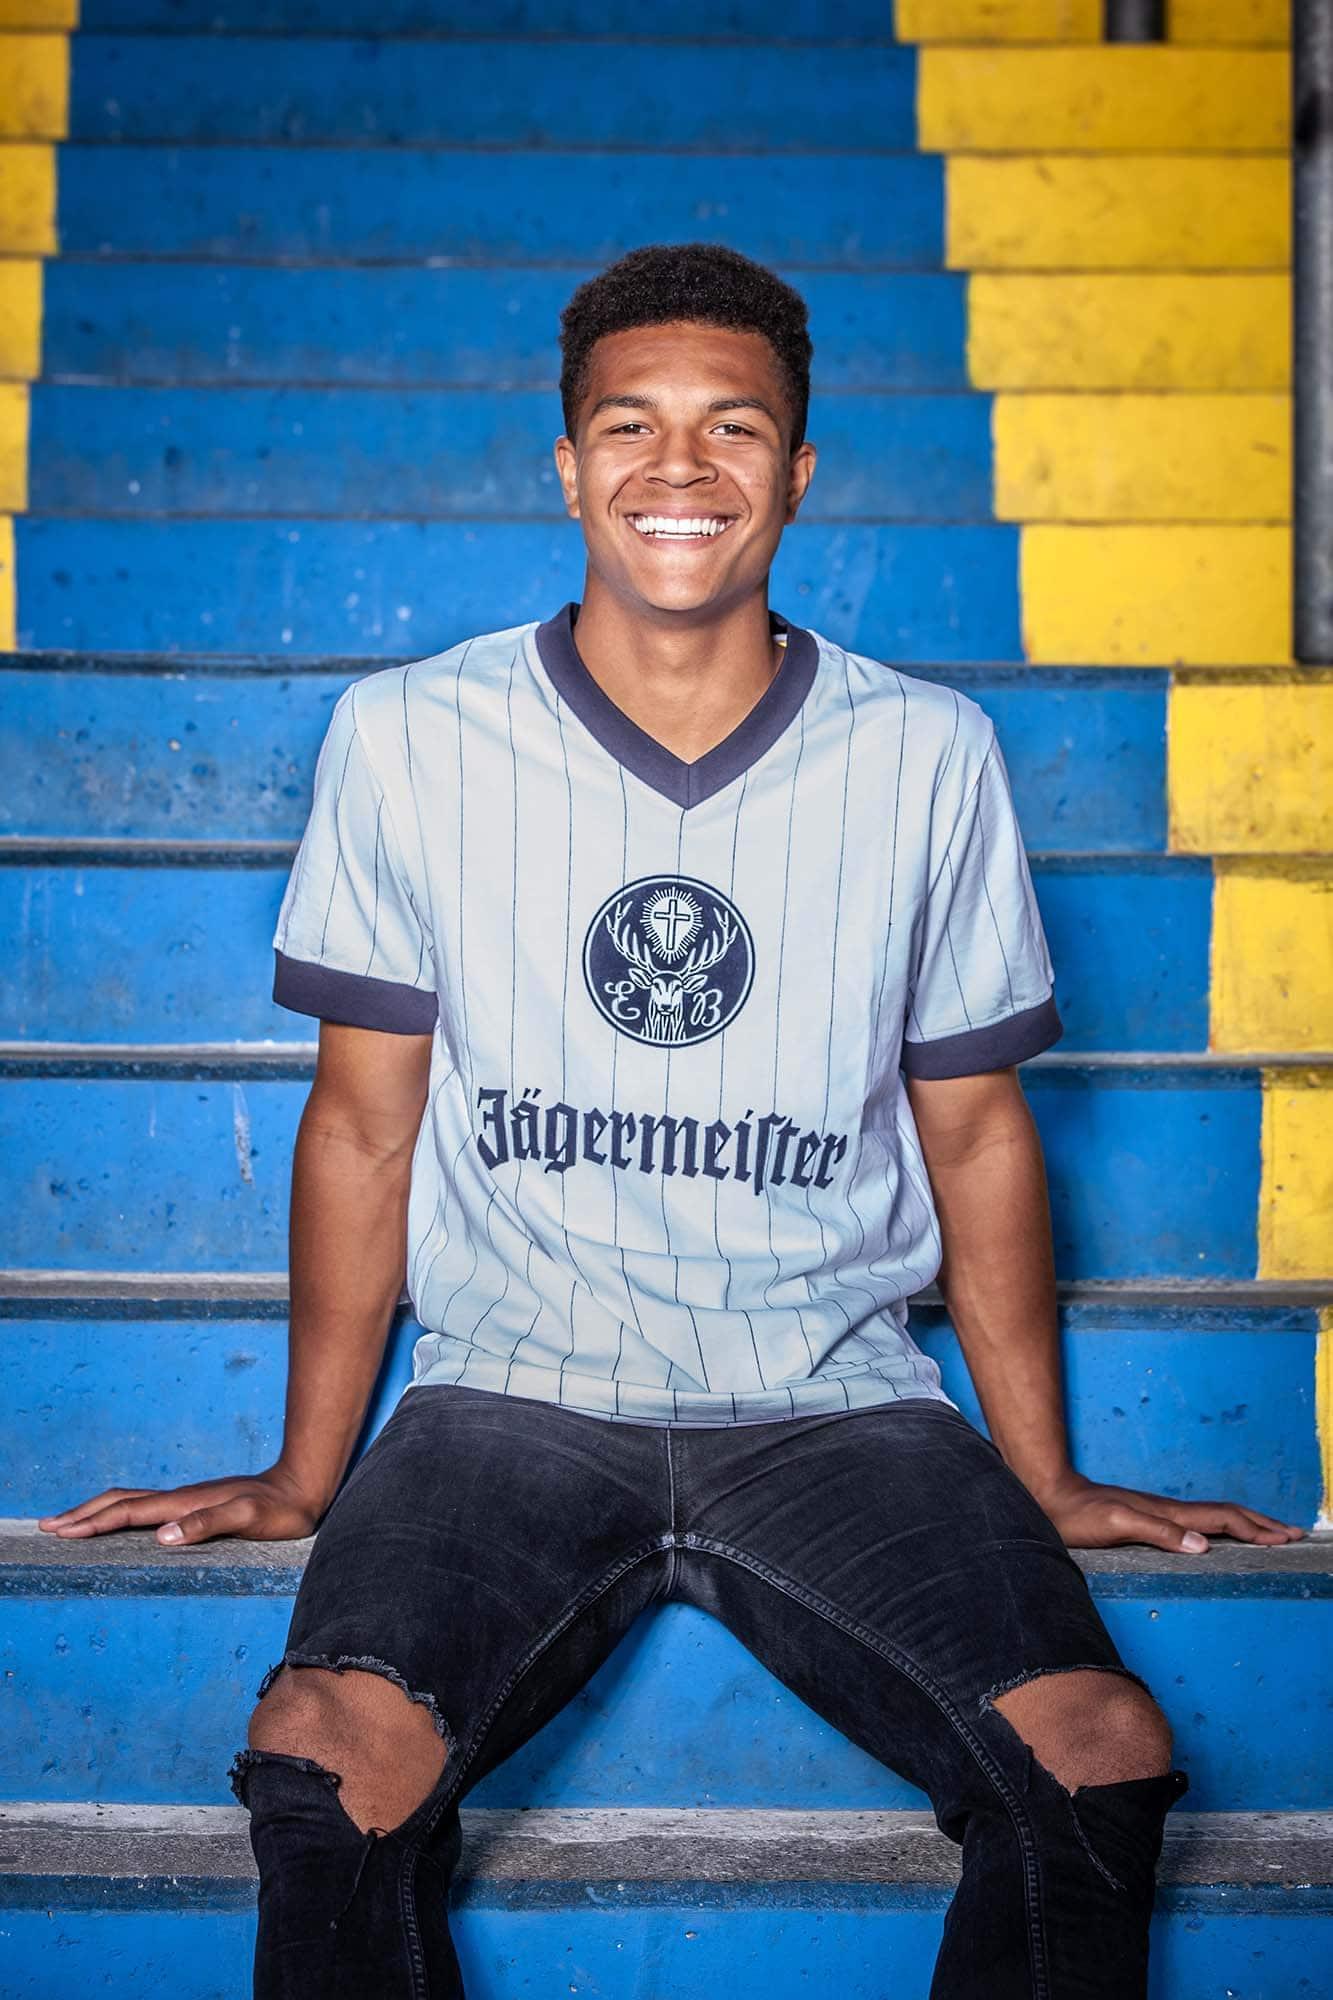 modefotografie mit fussballspielern in braunschweig